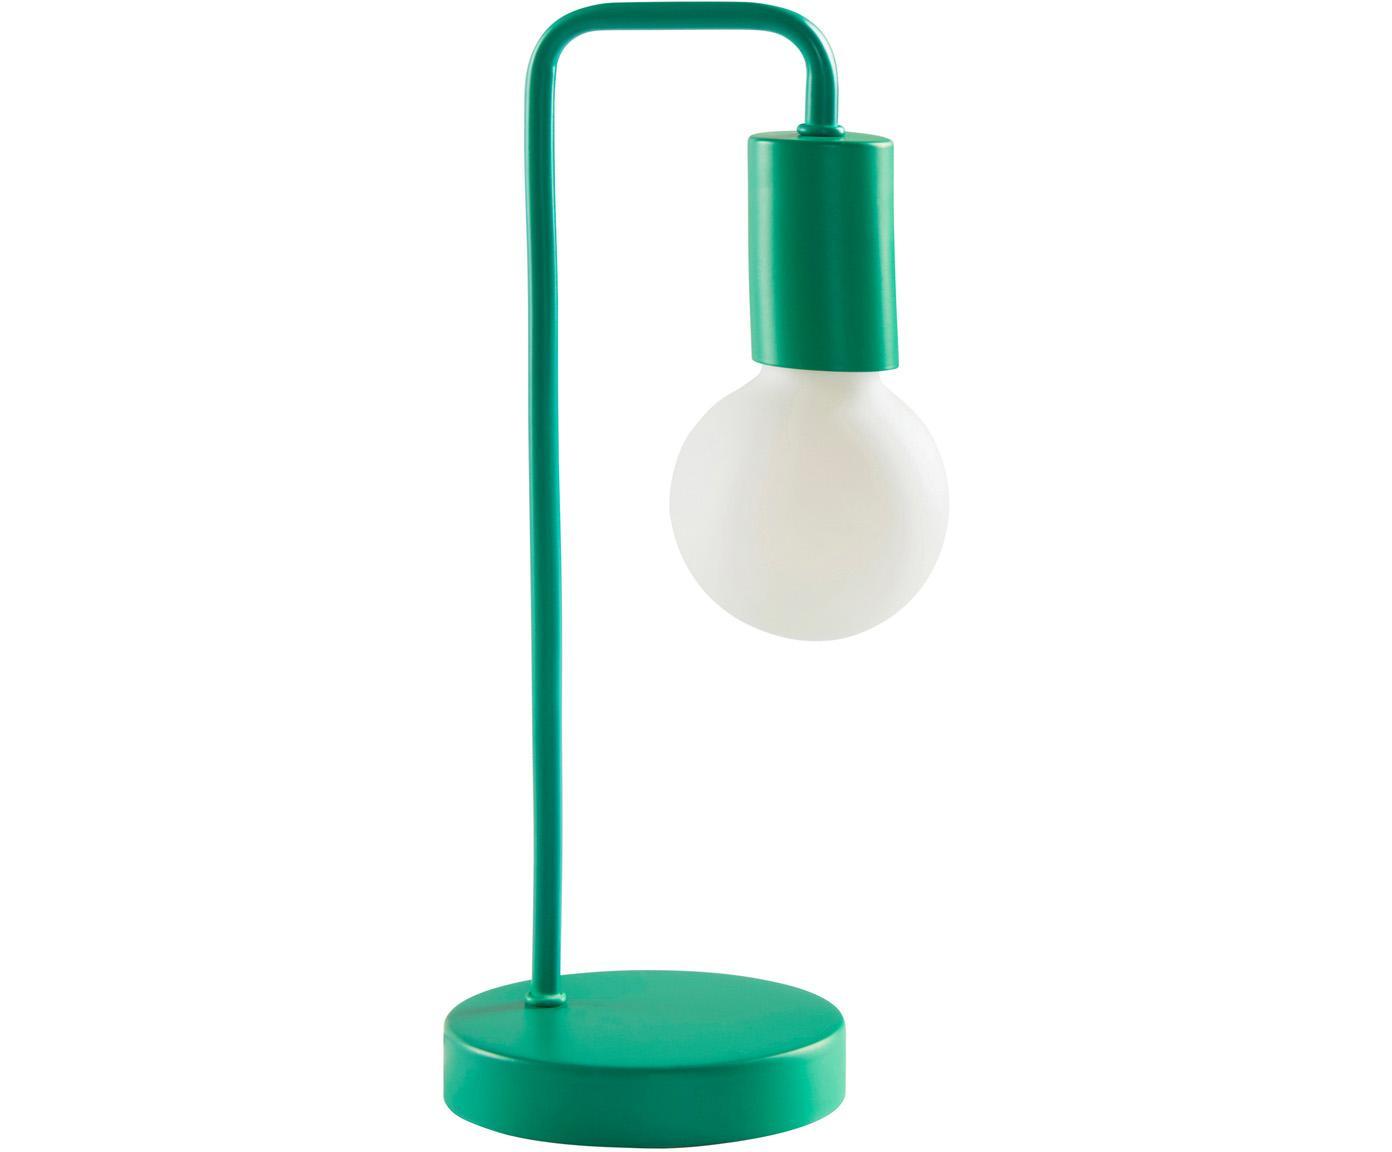 Tischleuchte Cascais, Lampenschirm: Metall, beschichtet, Grün, Ø 14 cm